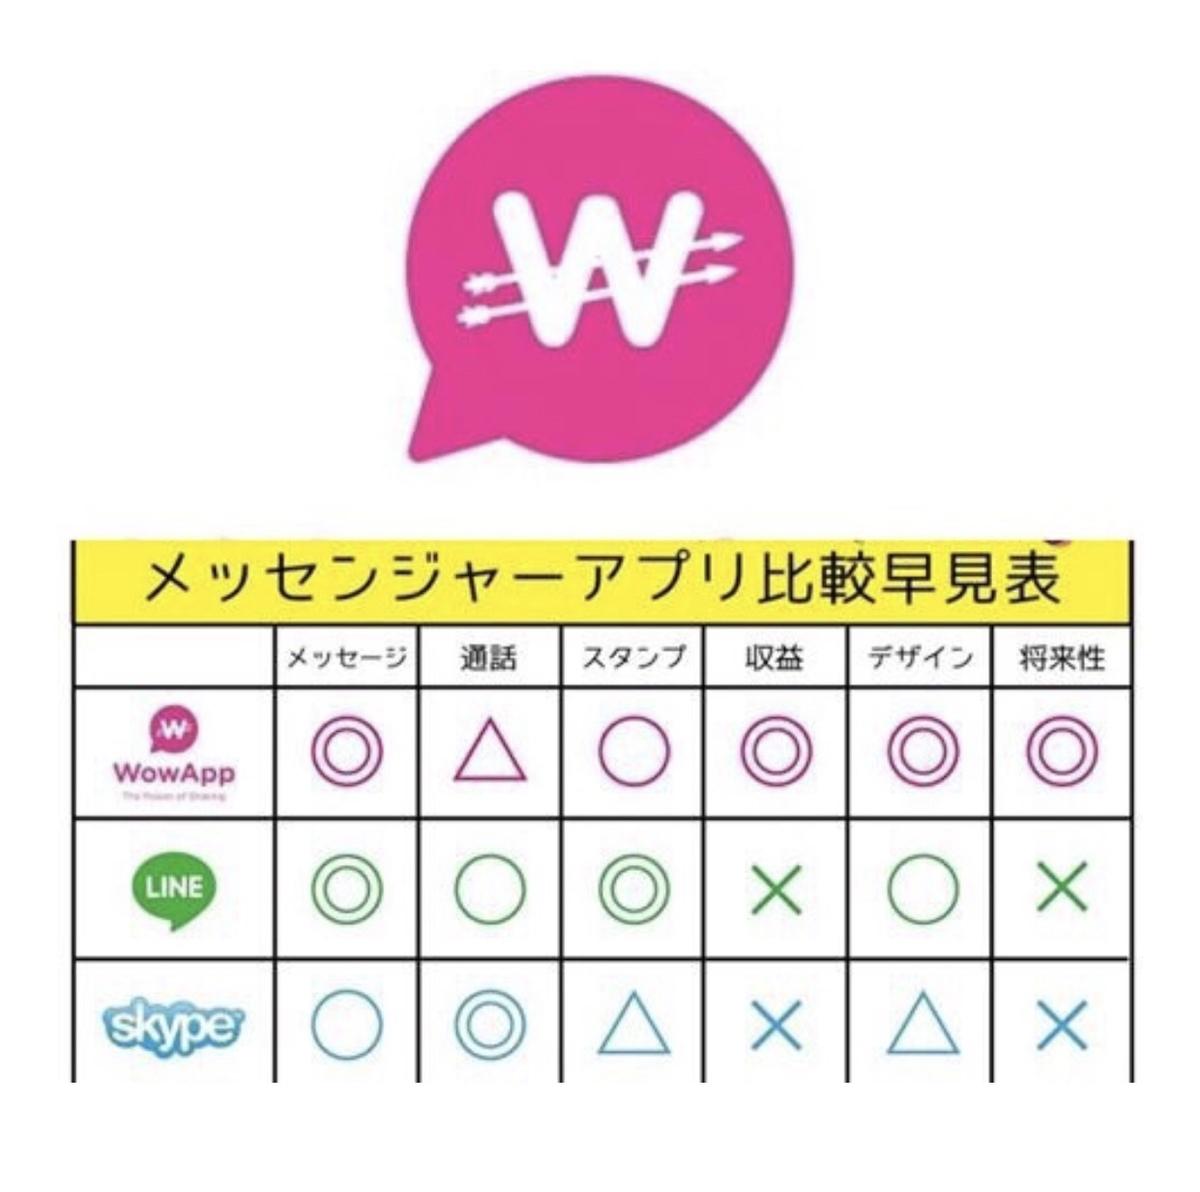 f:id:kaoruikeda:20210604123436j:plain